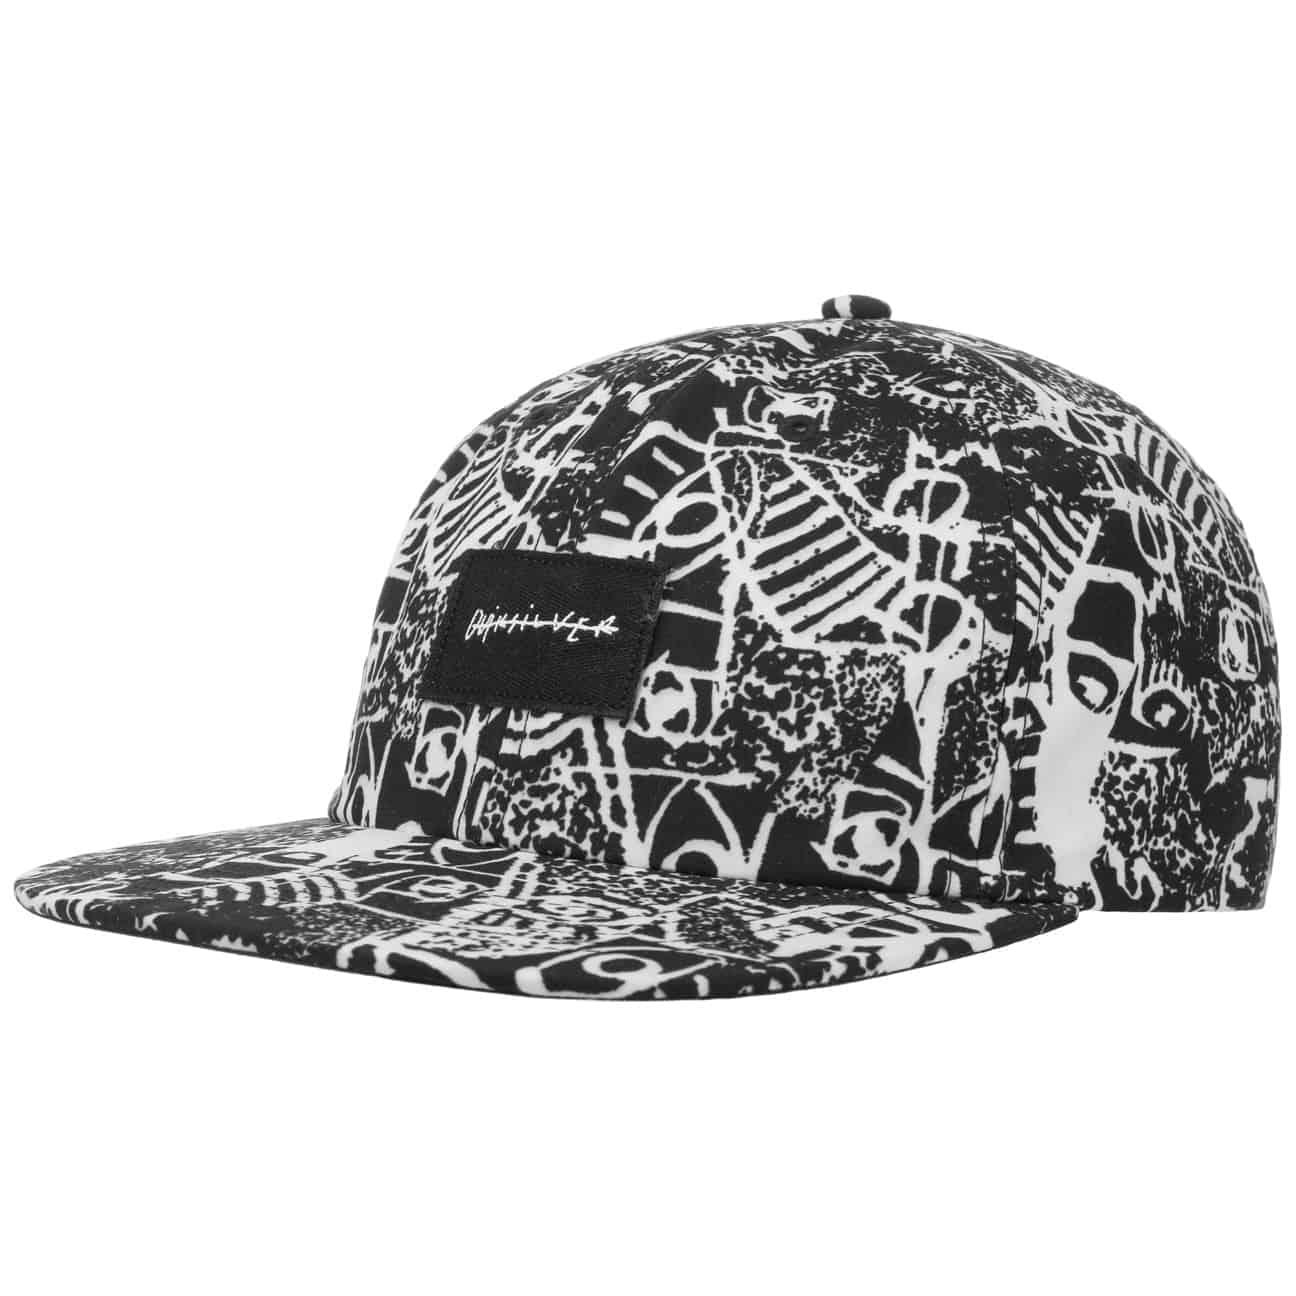 Gorra Nighty Snapback by Quiksilver  gorra de baseball